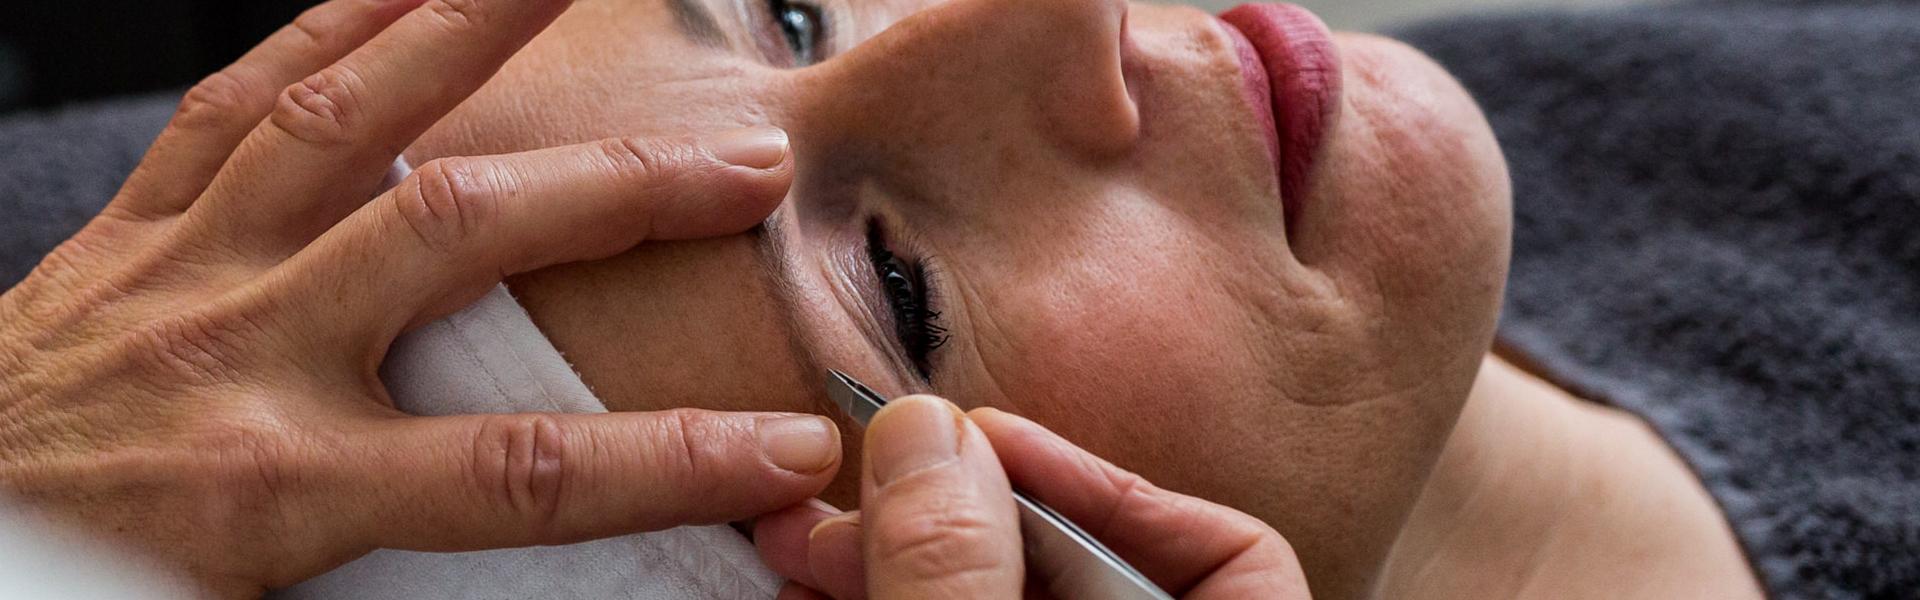 Behandelingen Harsen Massage